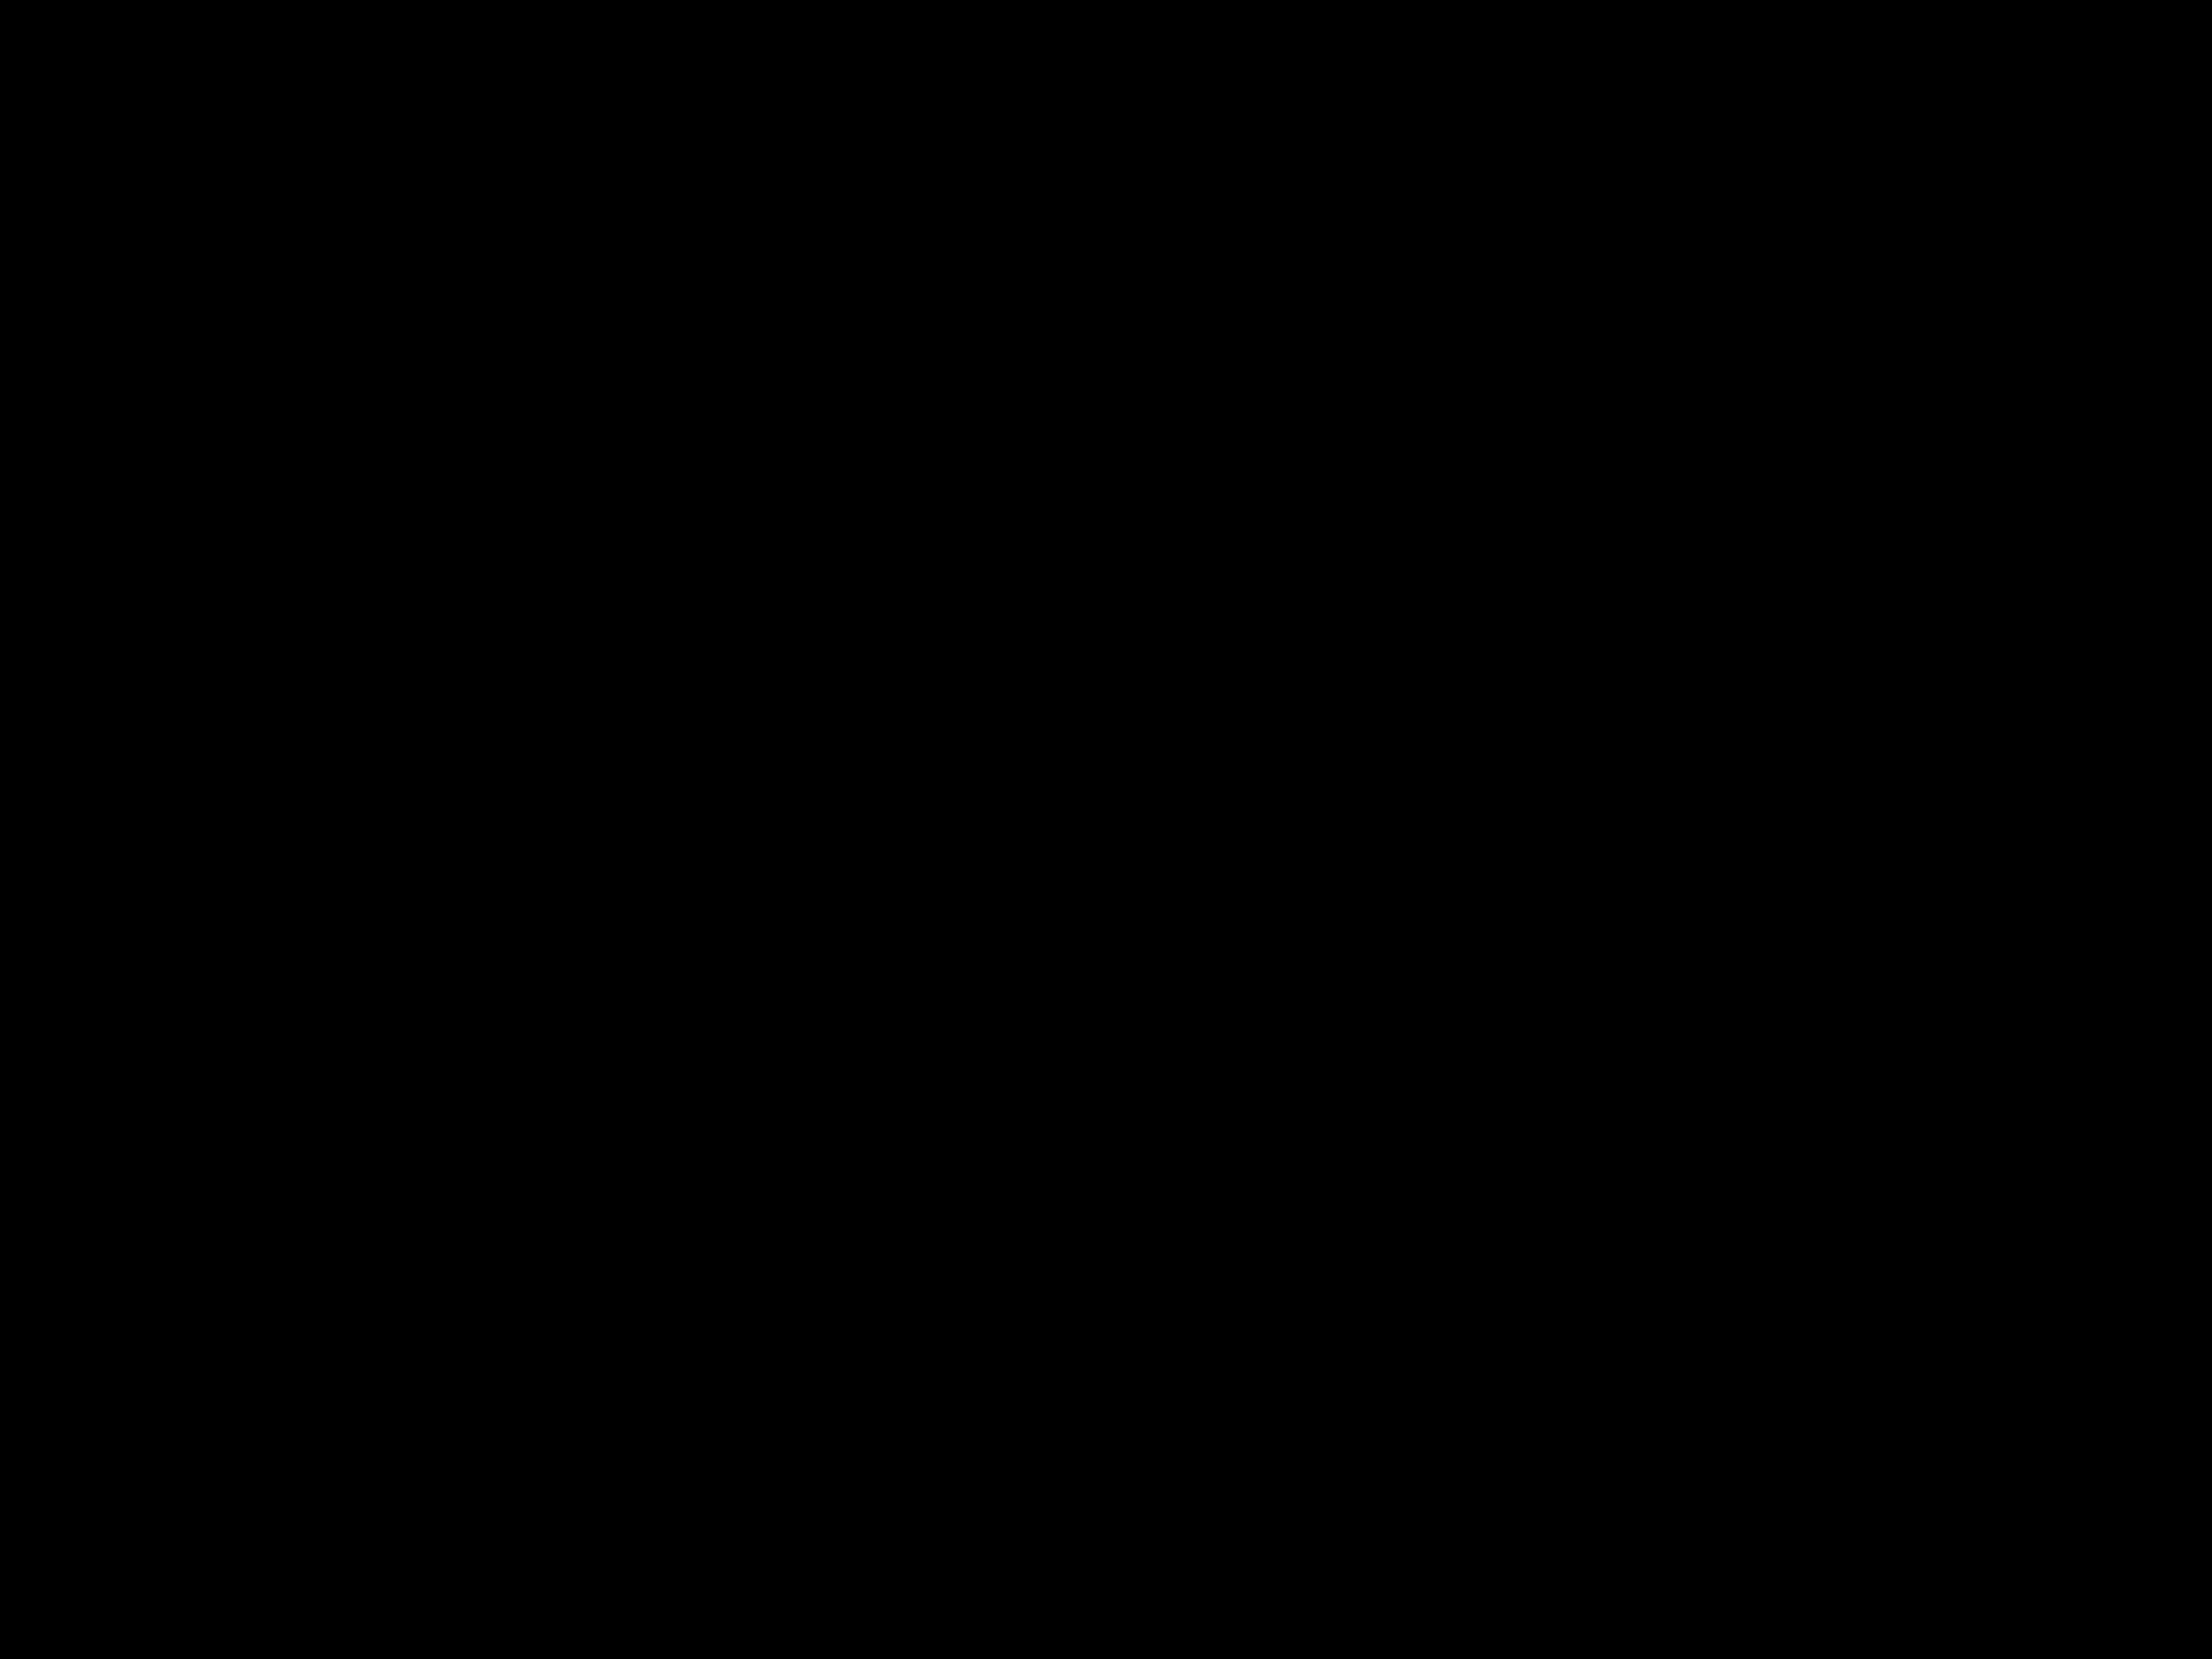 Formel 1 Bolide Bild Malvorlage für Kinder